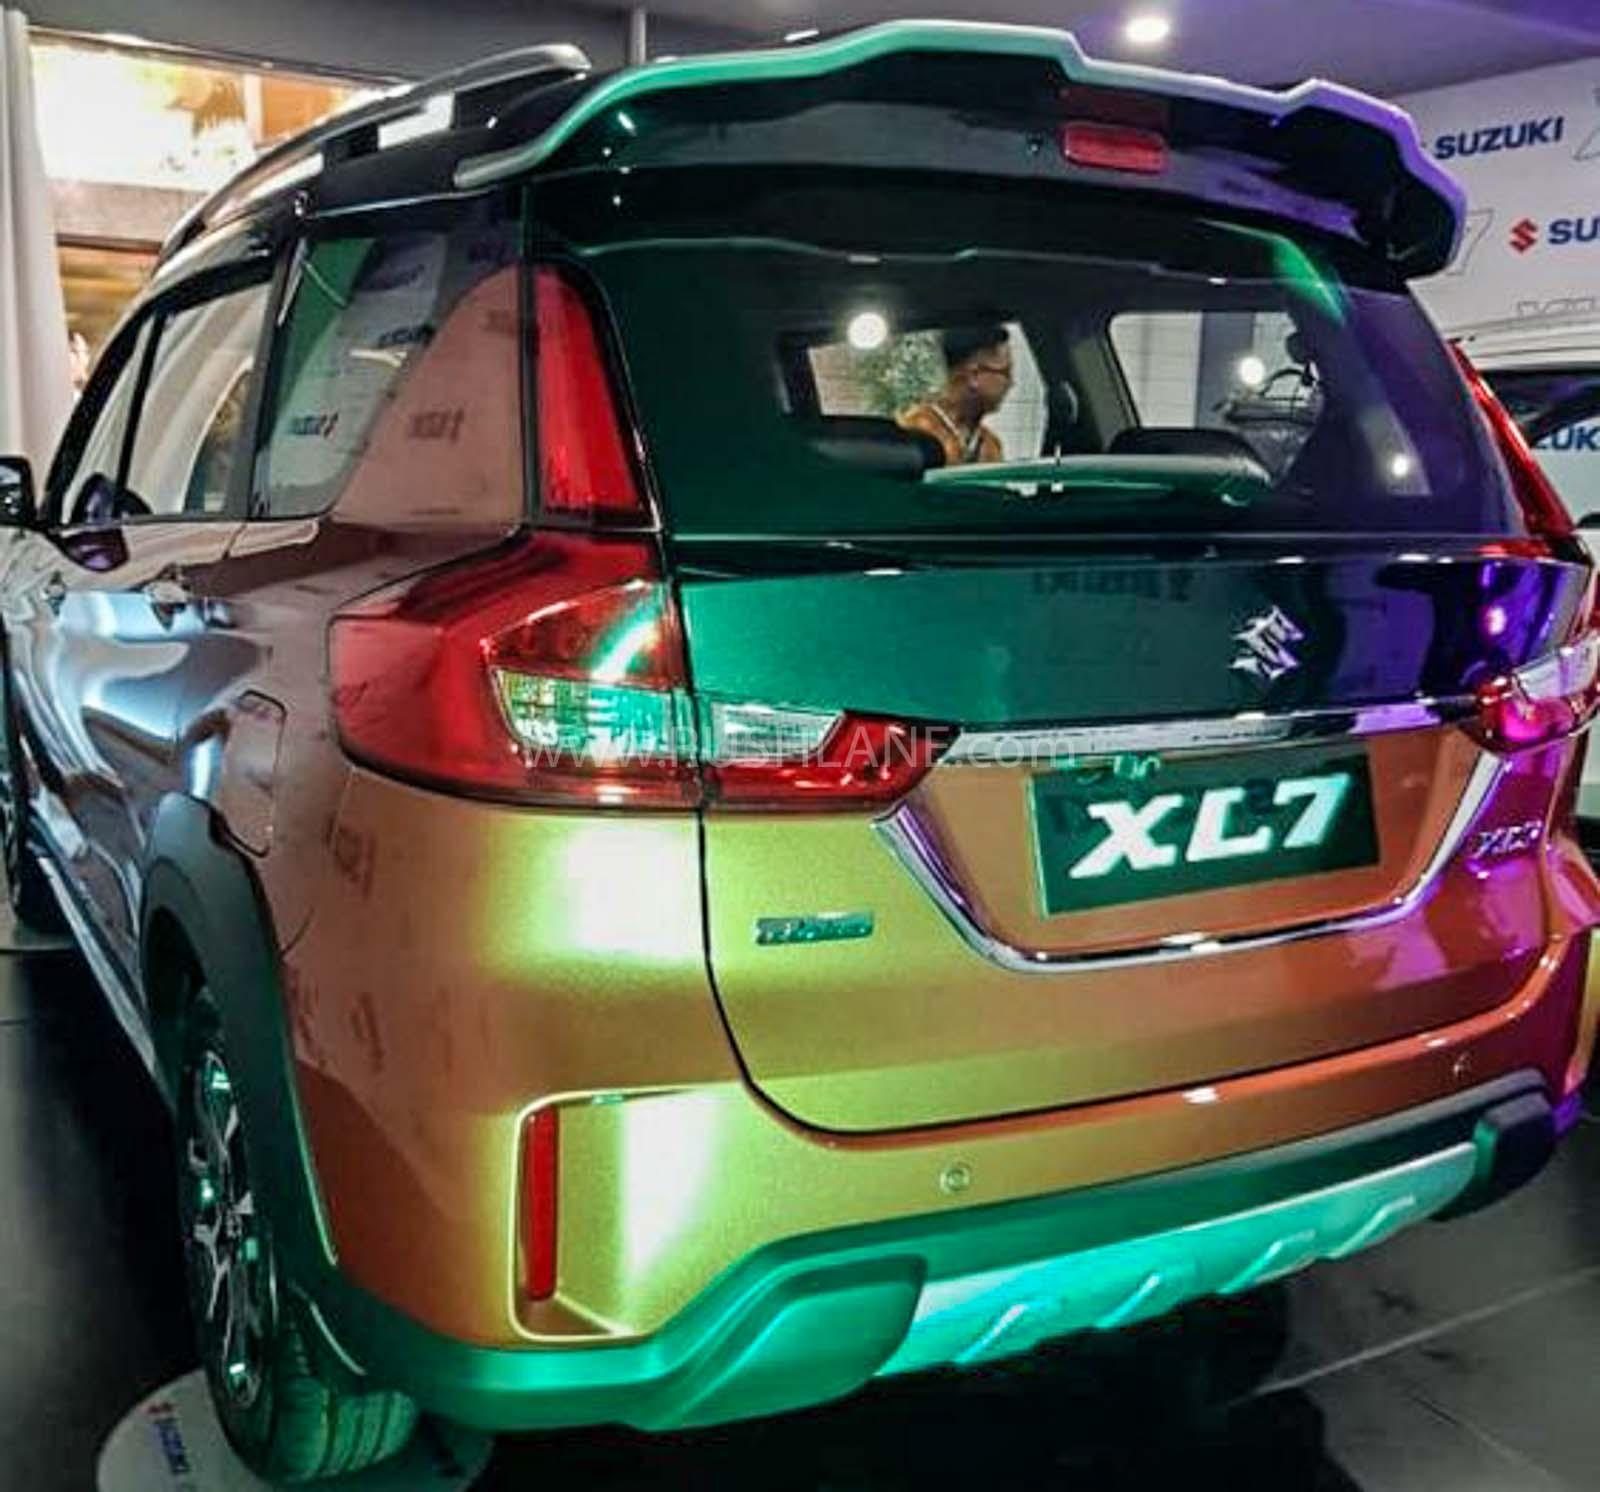 maruti ertiga based xl7 gets dual tone colour new alloys maruti ertiga based xl7 gets dual tone